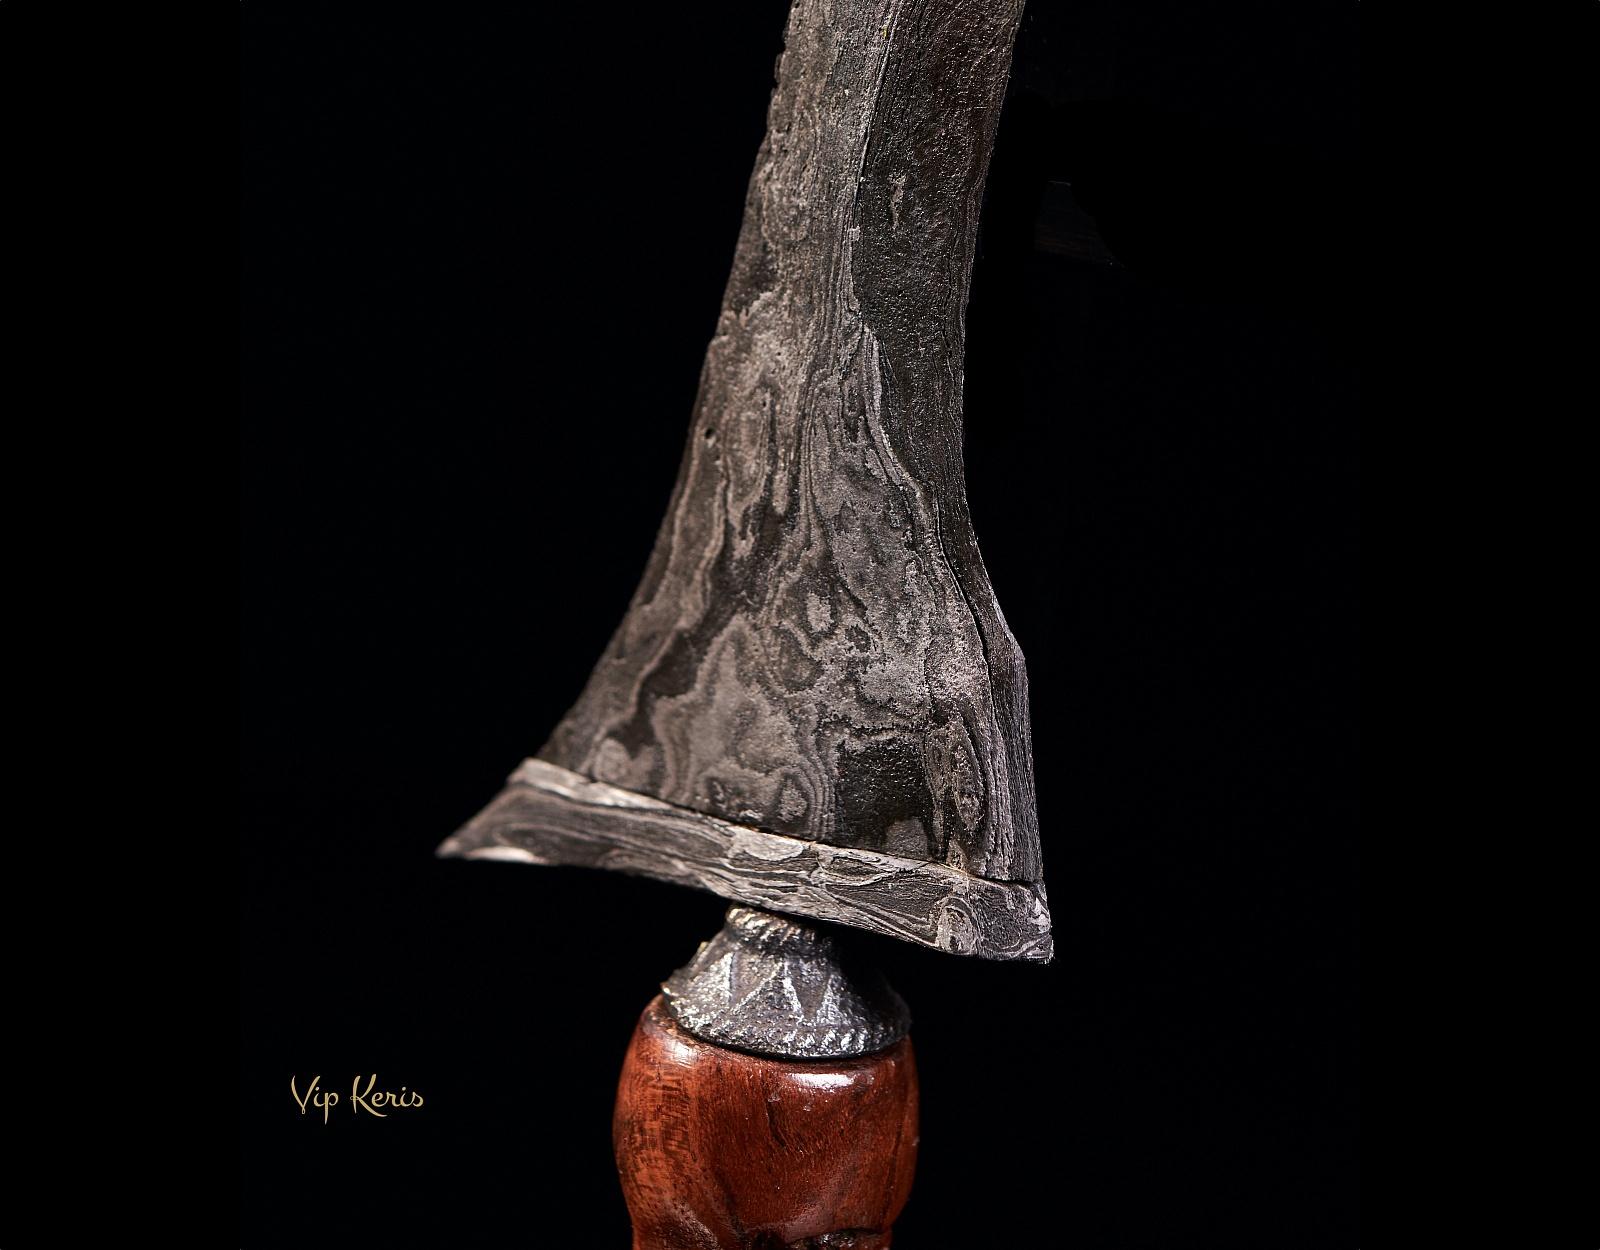 Миниатюрный кинжал Крис Jangkung Patrem luk3, целитель фото VipKeris